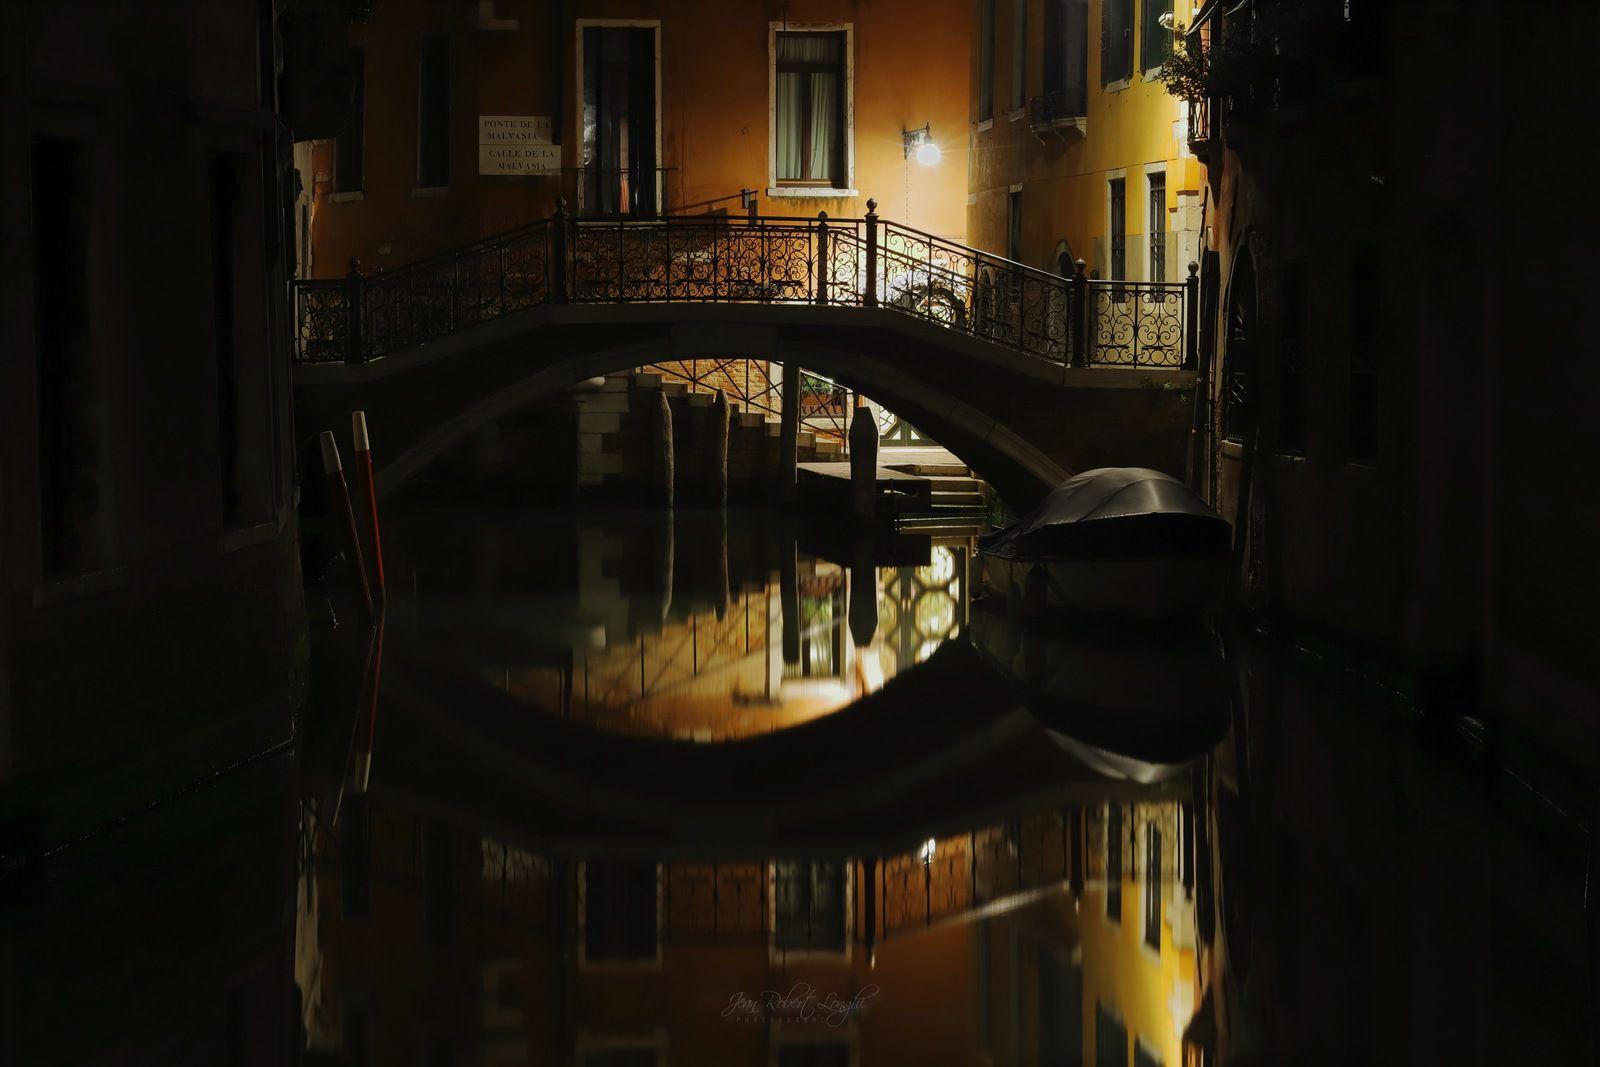 Venezia Serenissima nel Cuore della Notte 4 - tirage 3/30 et 4/30 Hahnemühle baryté 45X30cm - ©2019 Jean-Robert Longhi Photographie non libre de droits.